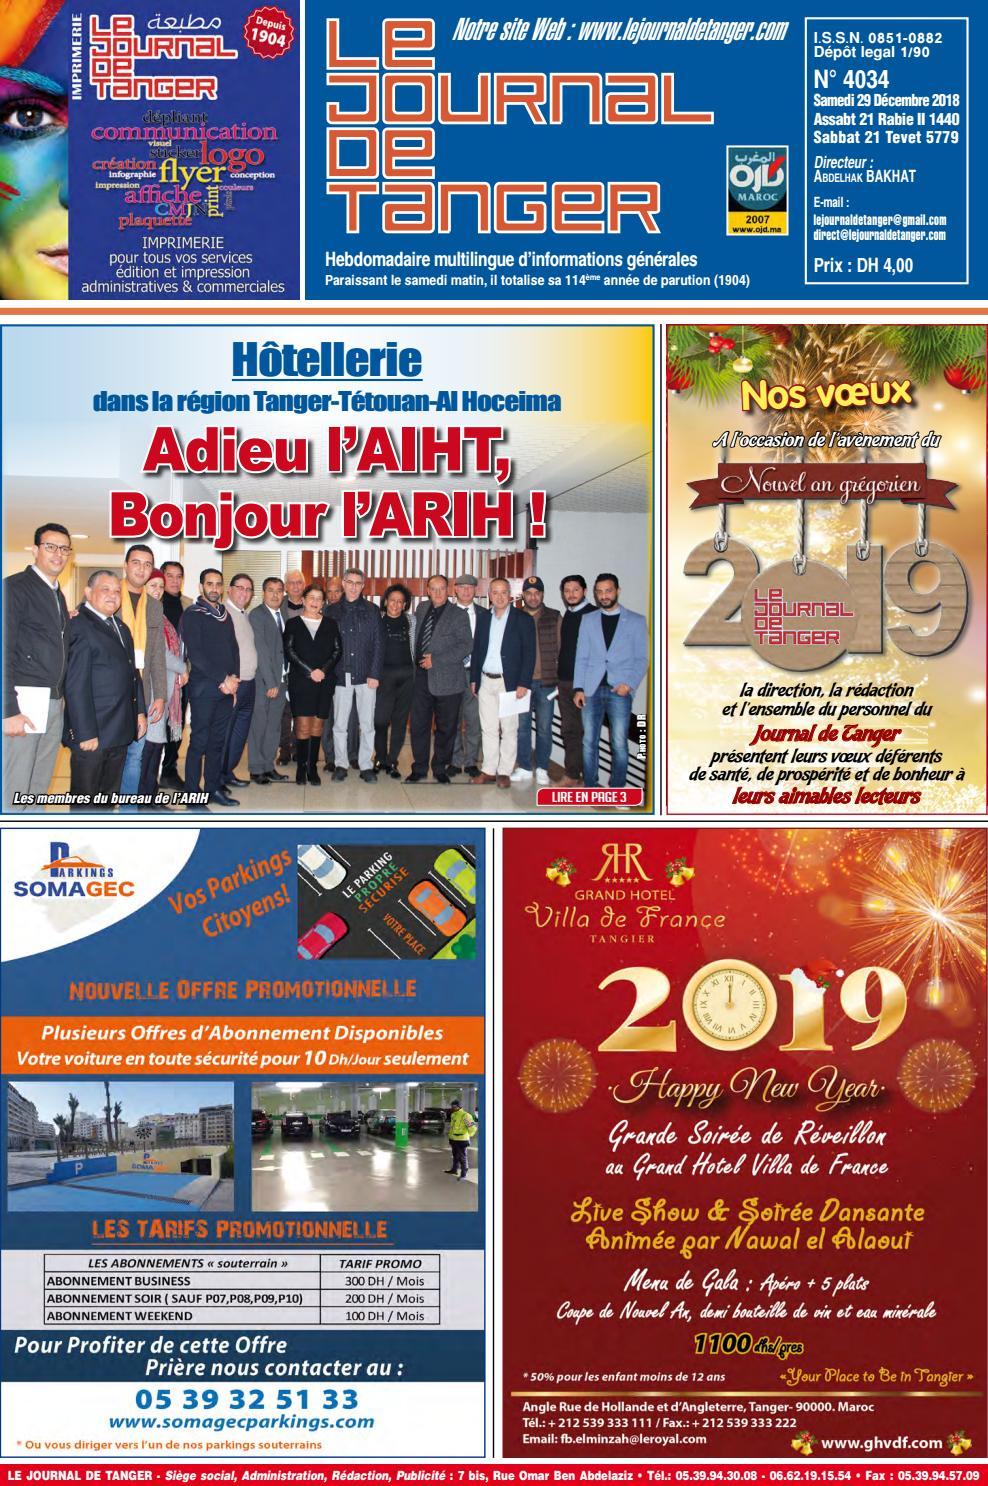 Le Journal De Tanger 29 Décembre 2018 By Le Journal De